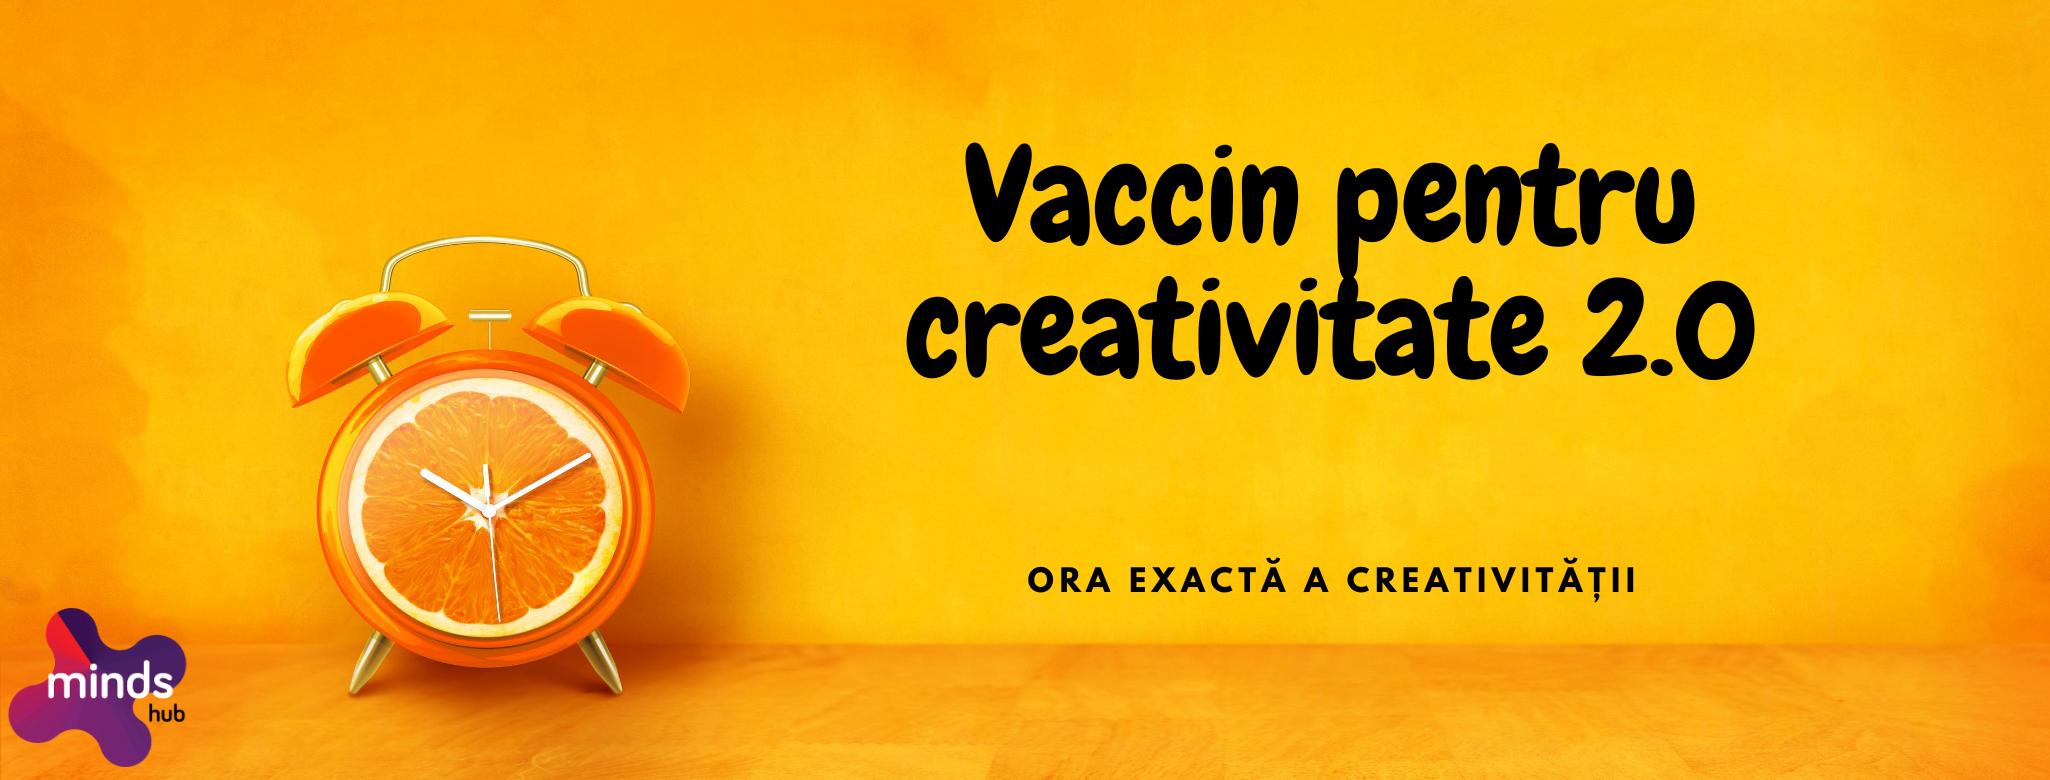 Vaccin pentru creativitate 2.0 – Ora exactă a creativității